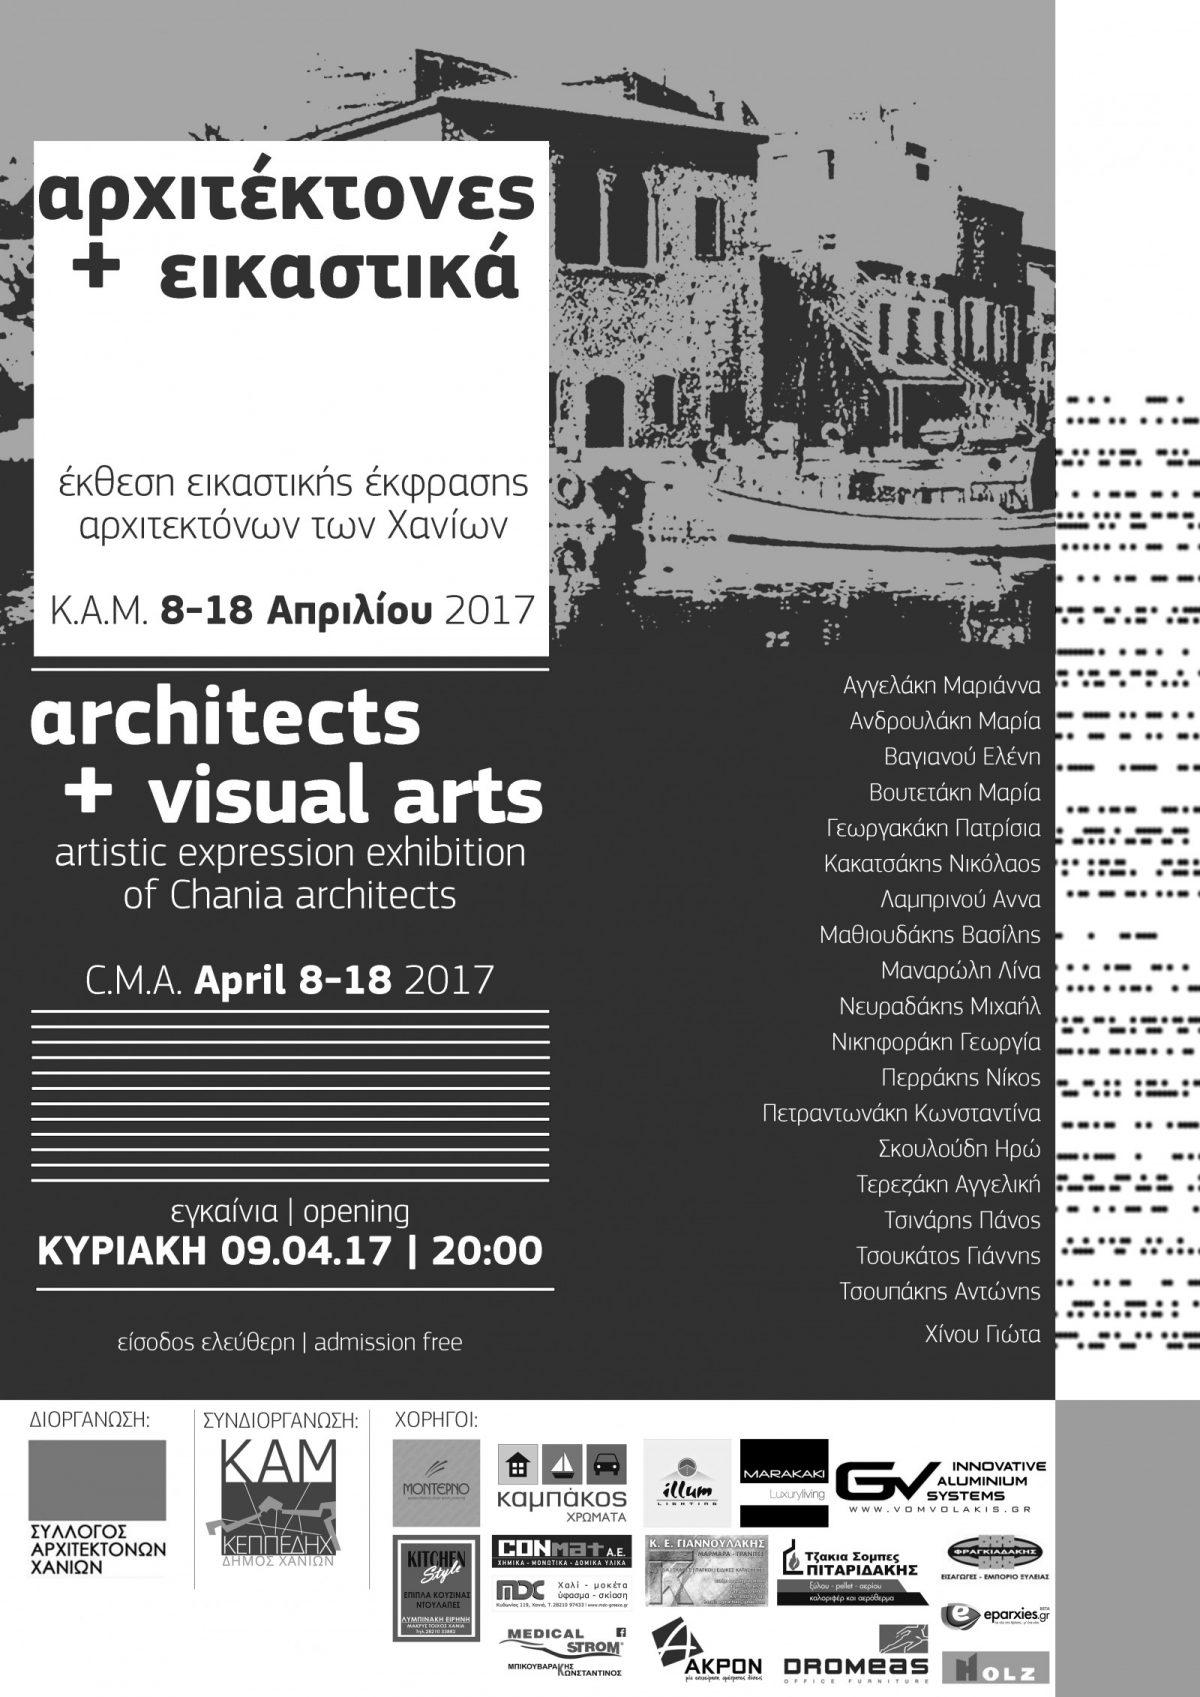 αρχιτέκτονες + εικαστικά_έκθεση εικαστικής έκφρασης αρχιτεκτόνων των Χανίων_ εγκαίνια 9 Απριλίου 2017 στο ΚΑΜ